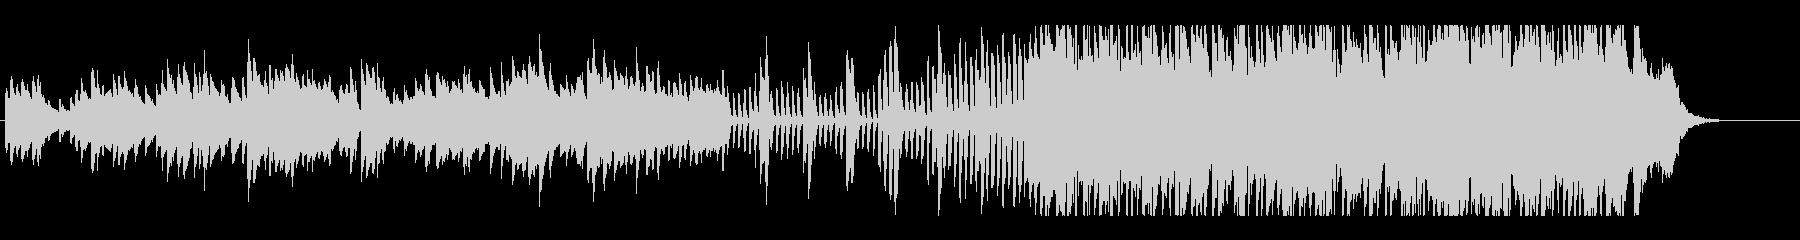 冬の訪れを告げるようなピアノ曲の未再生の波形